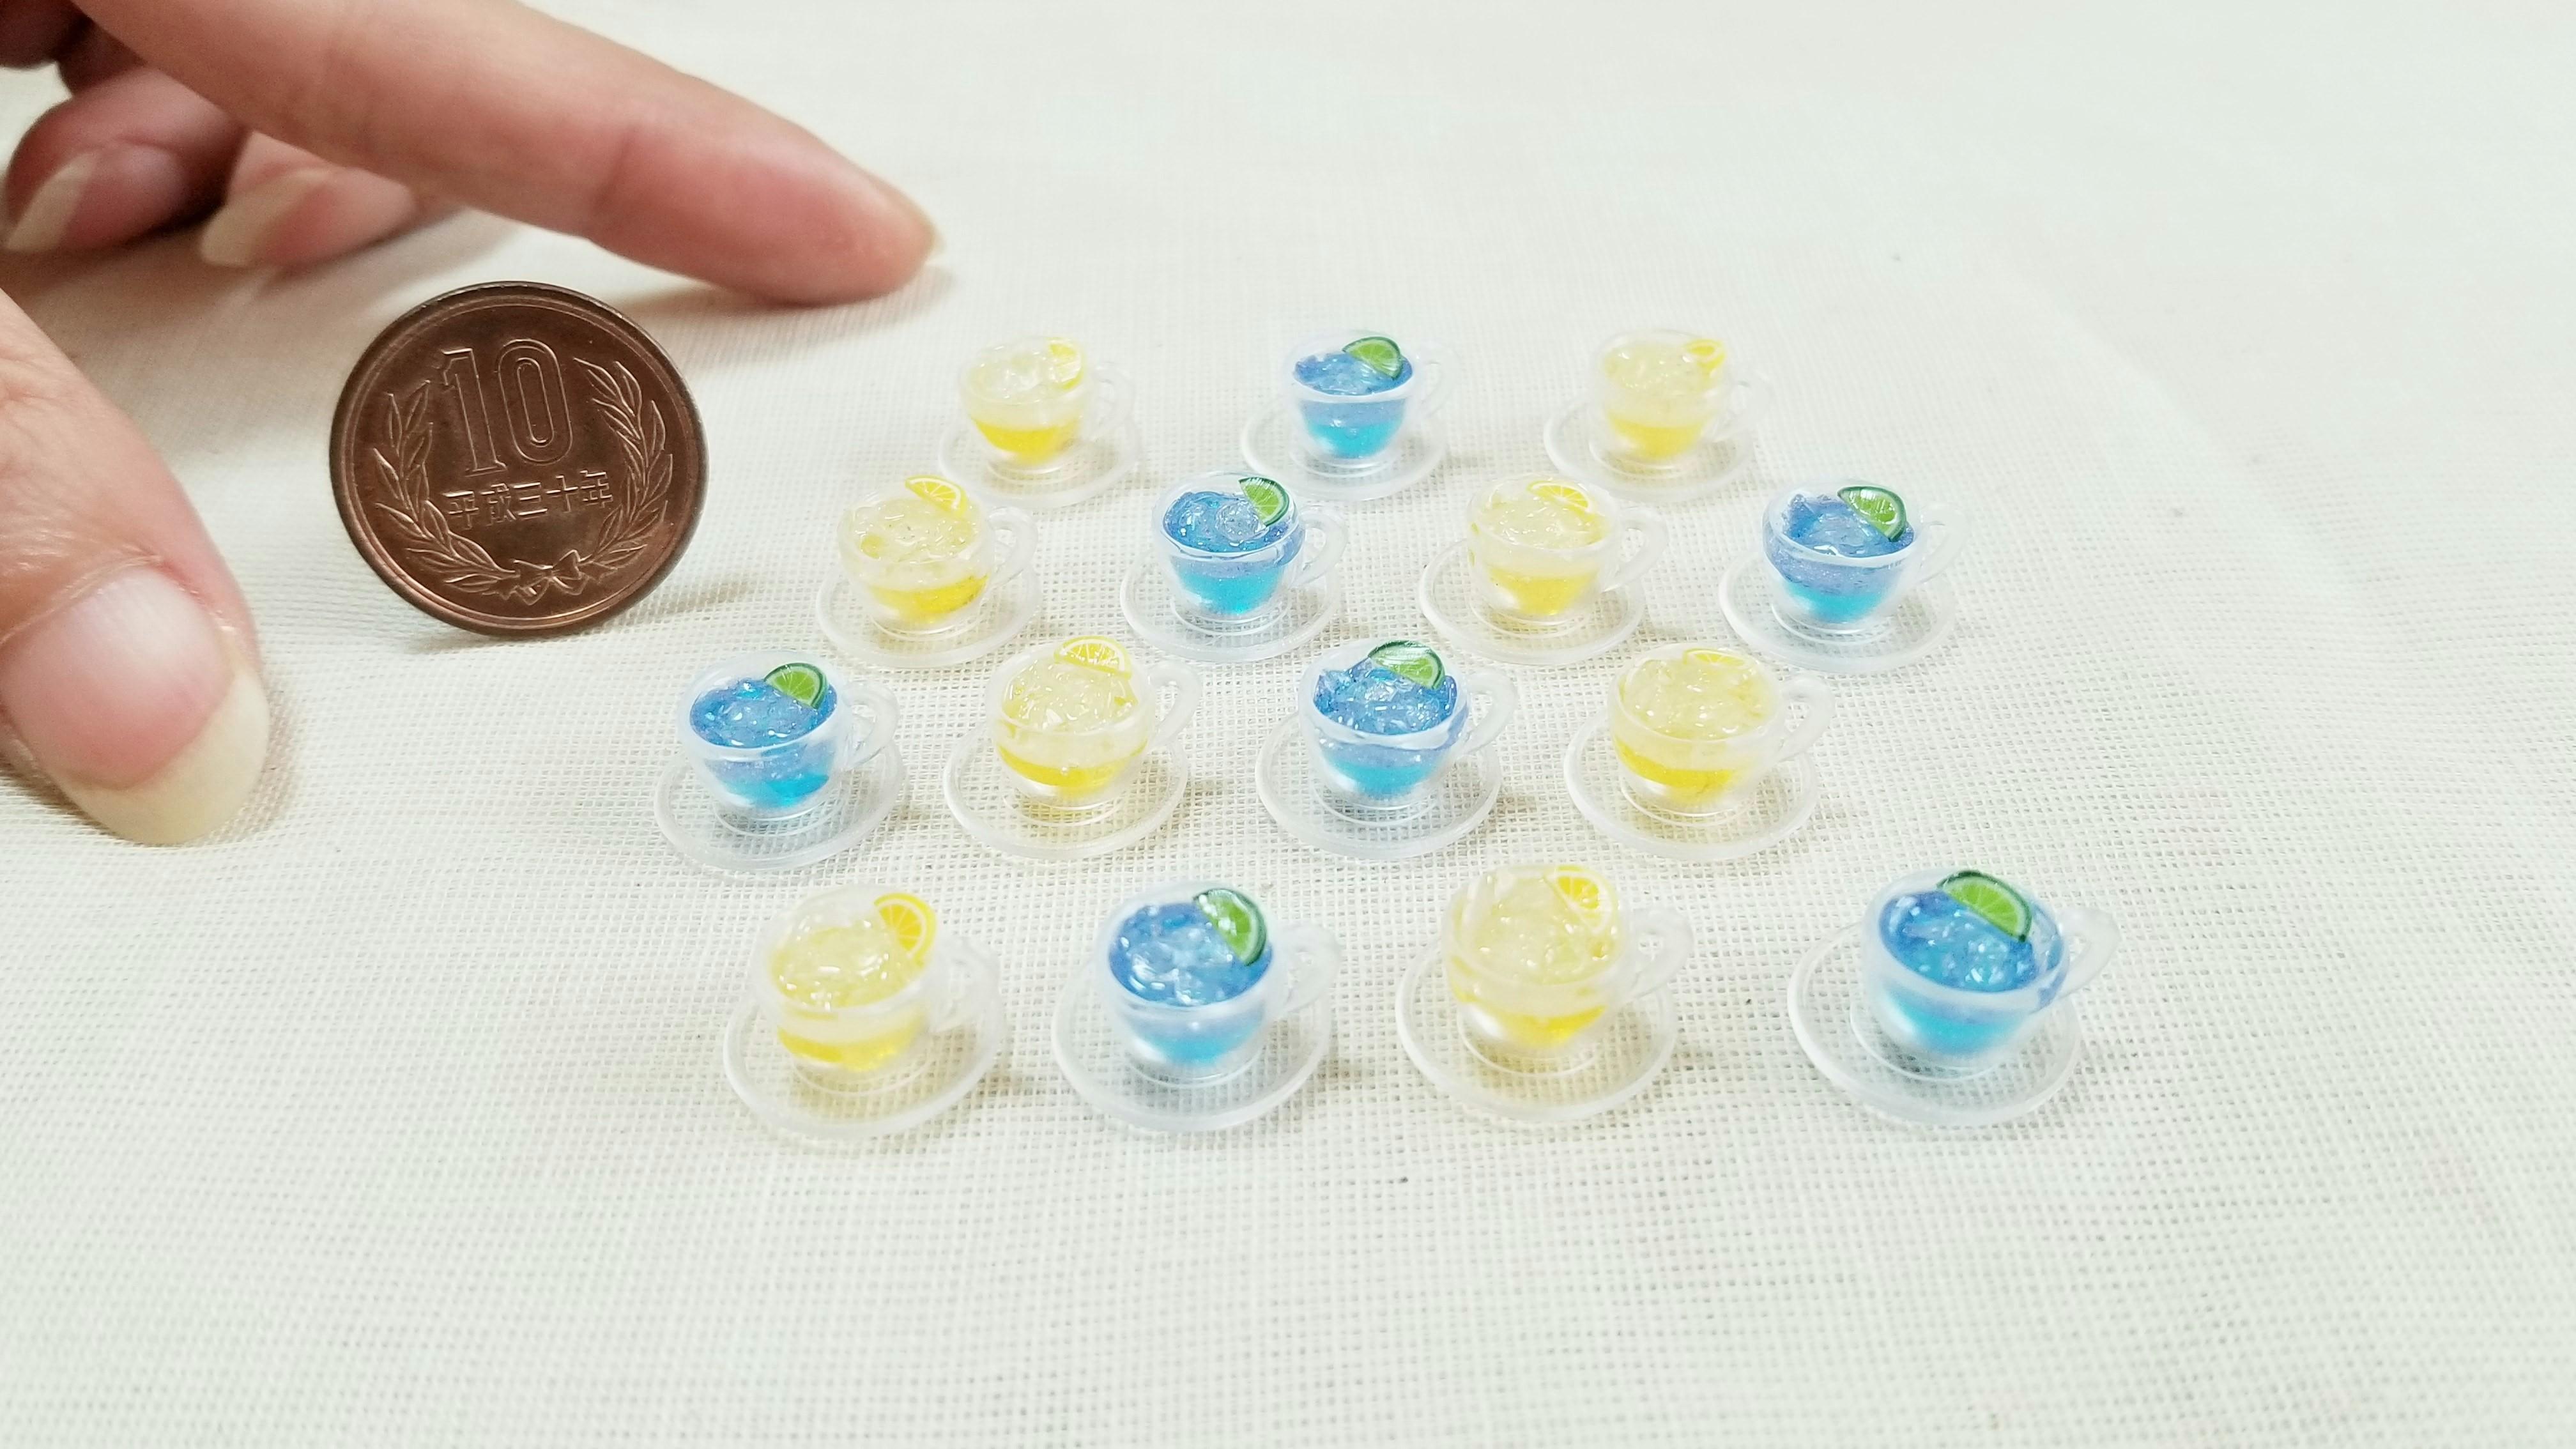 ミニチュア飲み物ドリンクジュース可愛いおすすめドールサイズ小物